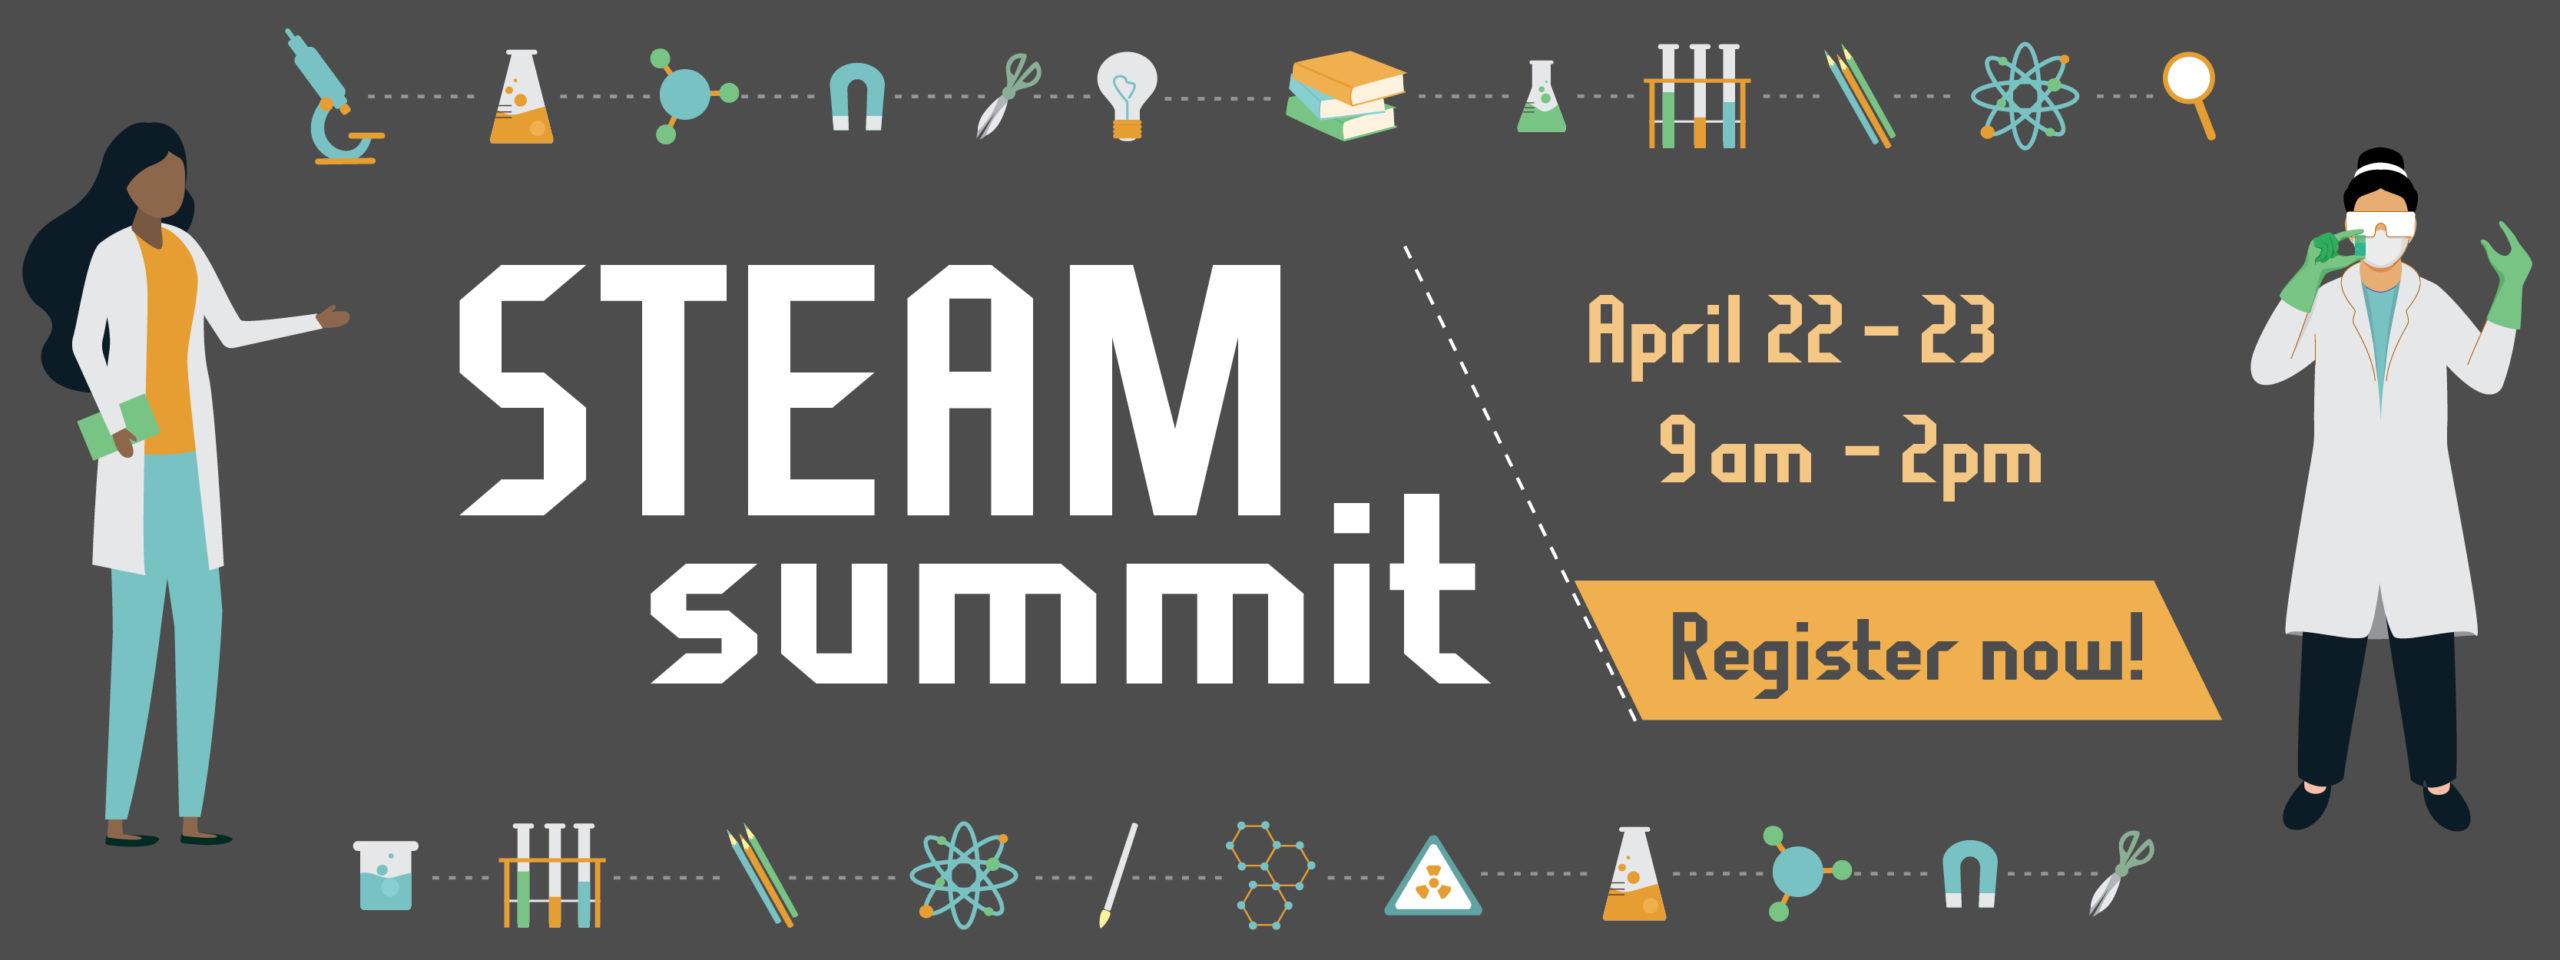 STEAM Summit | Kansas Enrichment Network